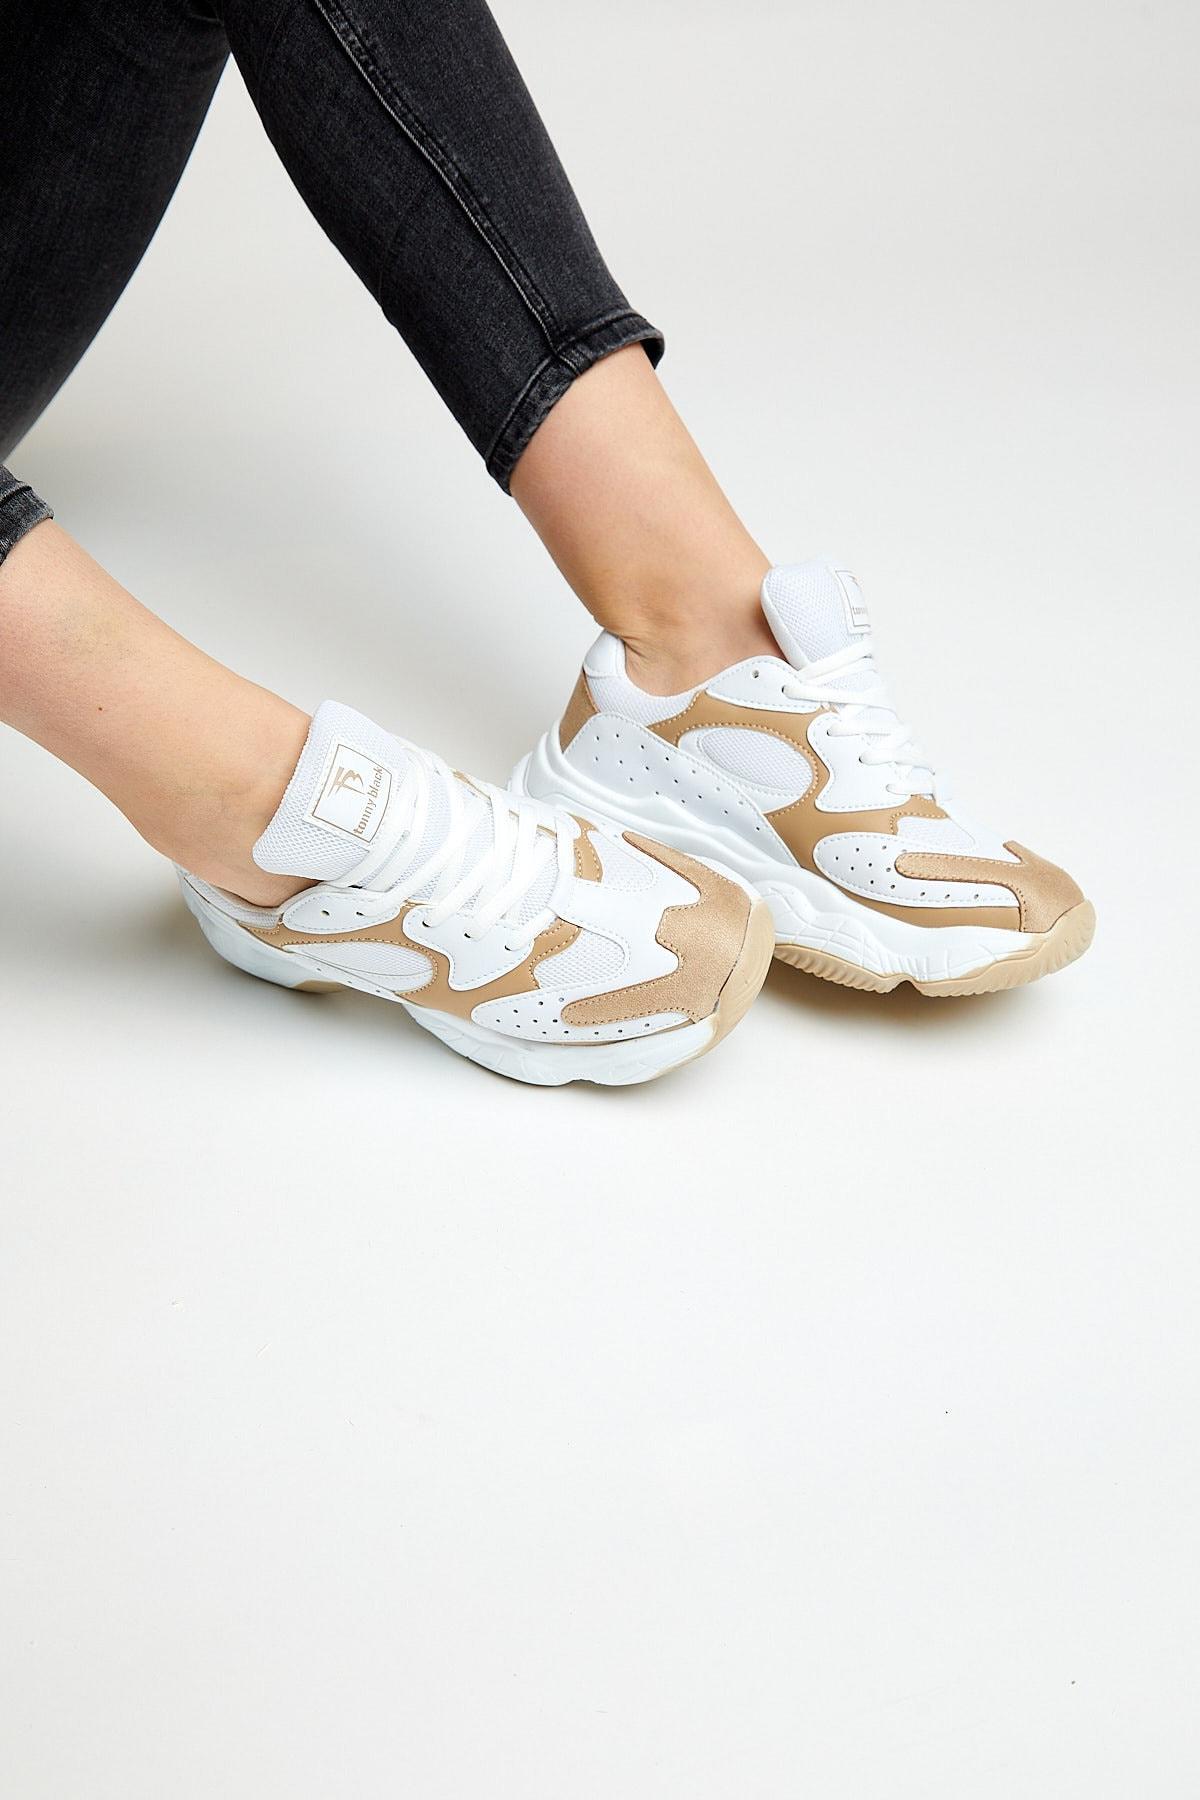 Tonny Black Kadın Beyaz Toprak Spor Ayakkabı Tb284 2